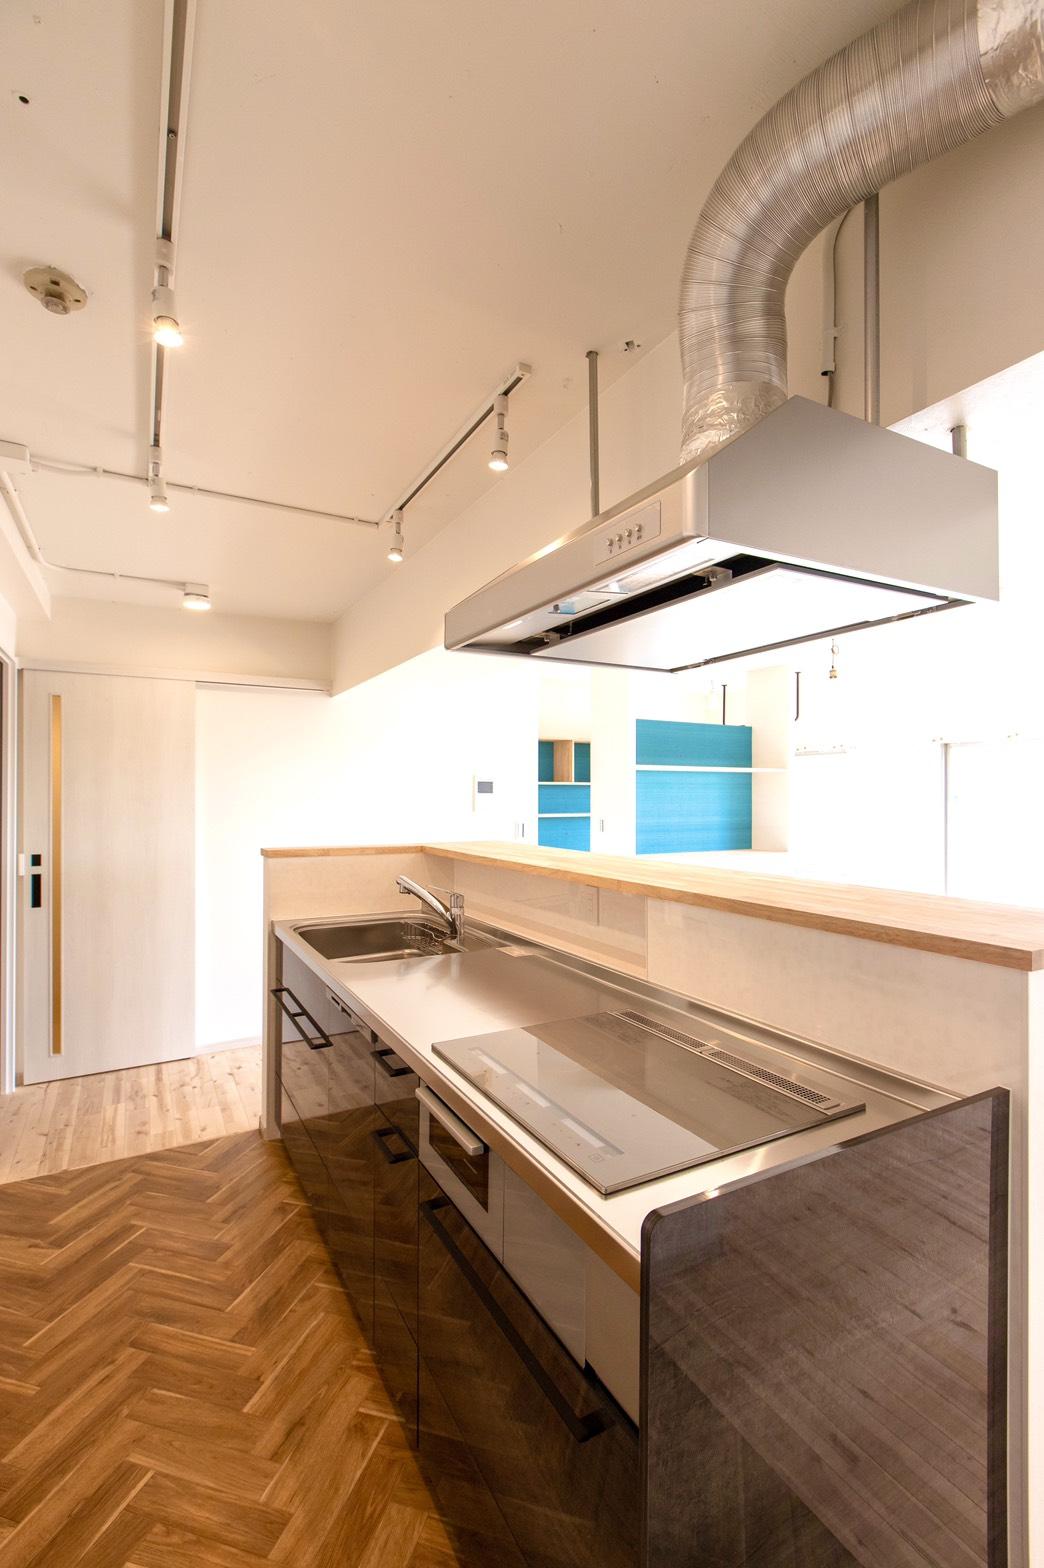 ヘリンボーンのおしゃれな床をキッチンで施工